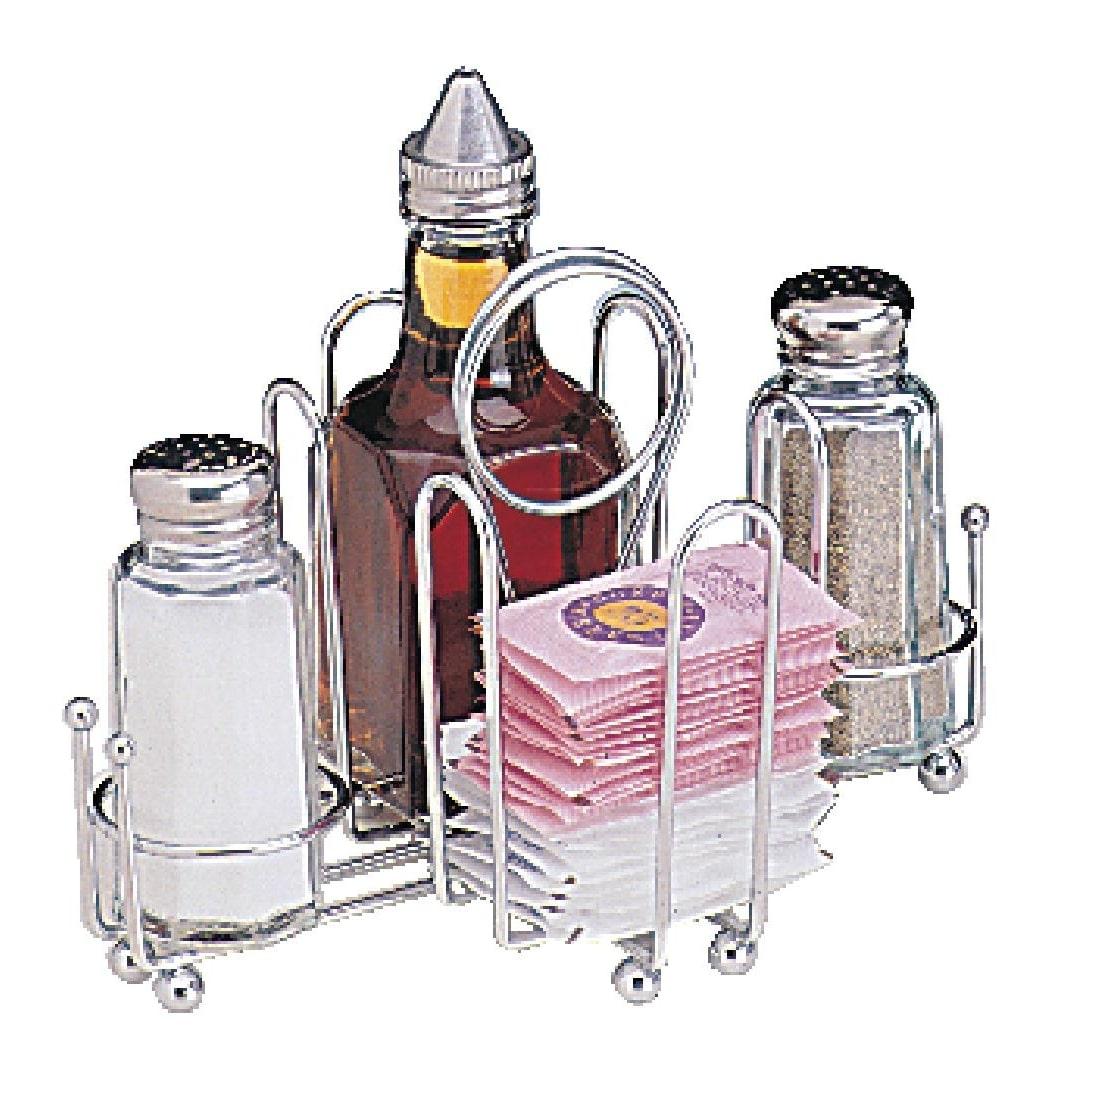 Besteck- und Zutatenbehälter, Gewürzständer